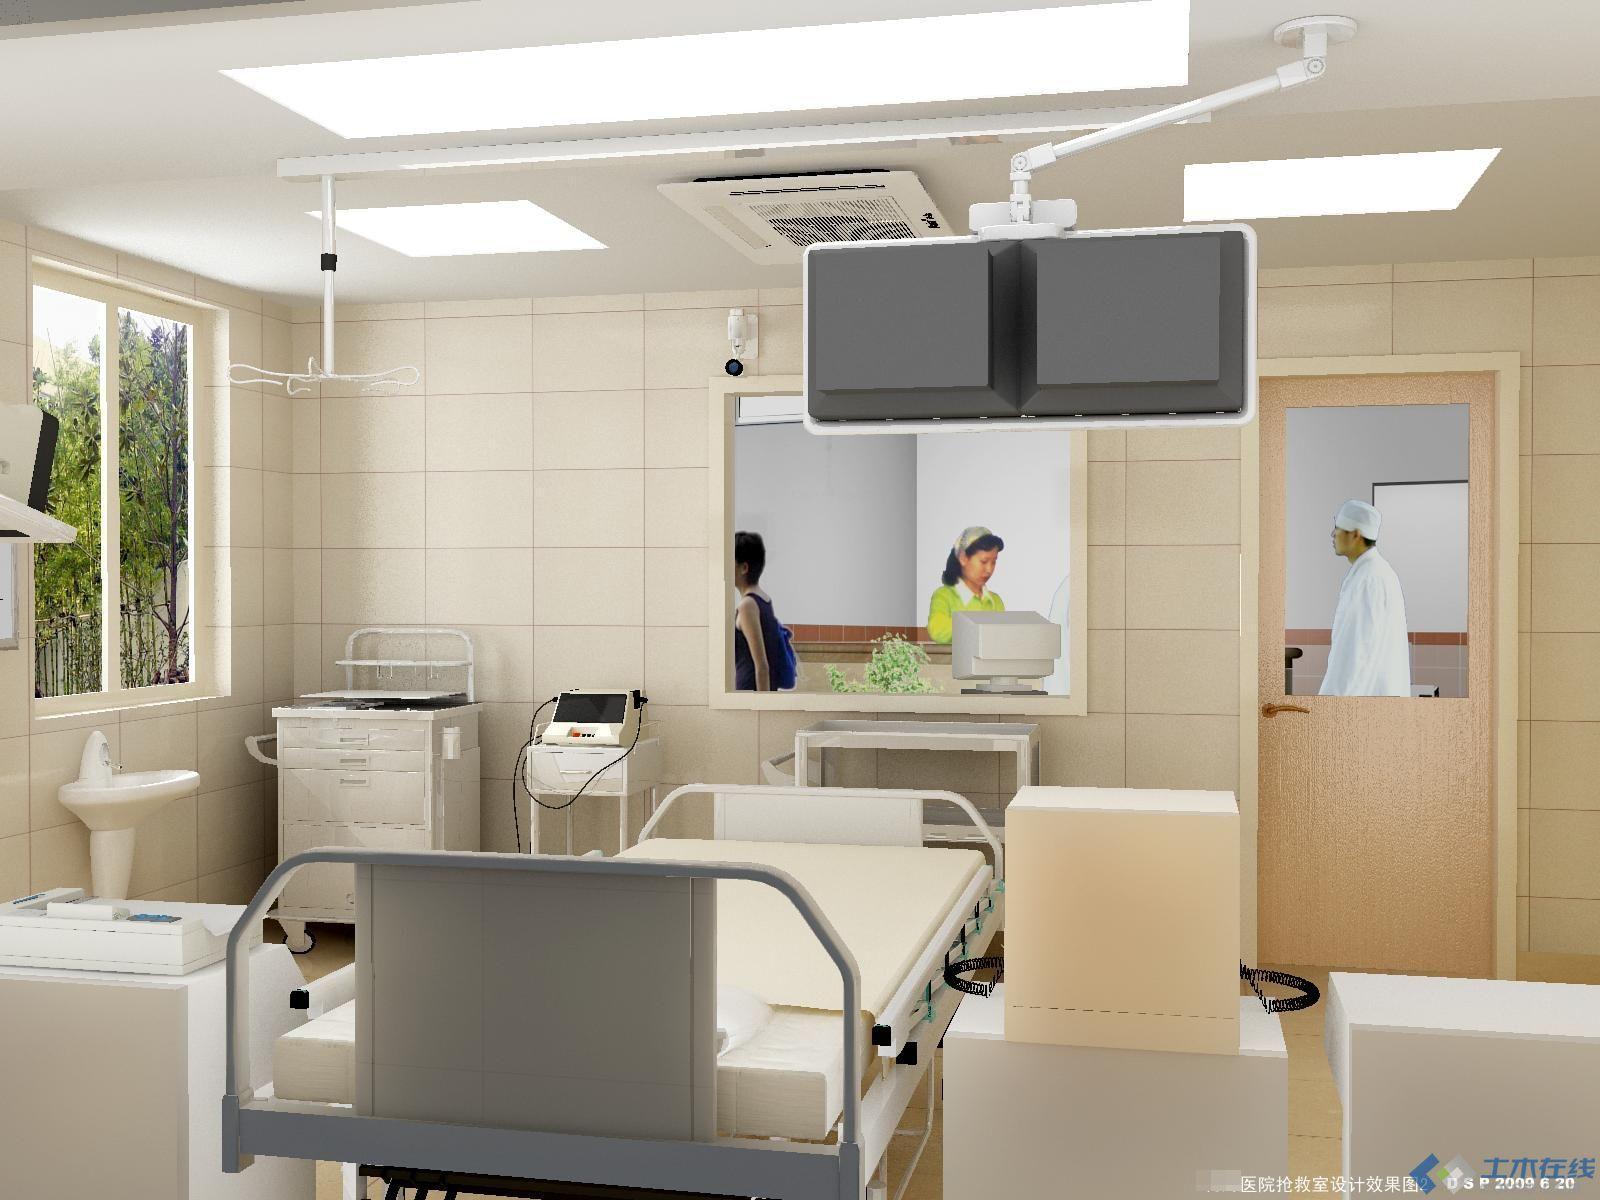 医院抢救室设计效果图 土木在线论坛高清图片